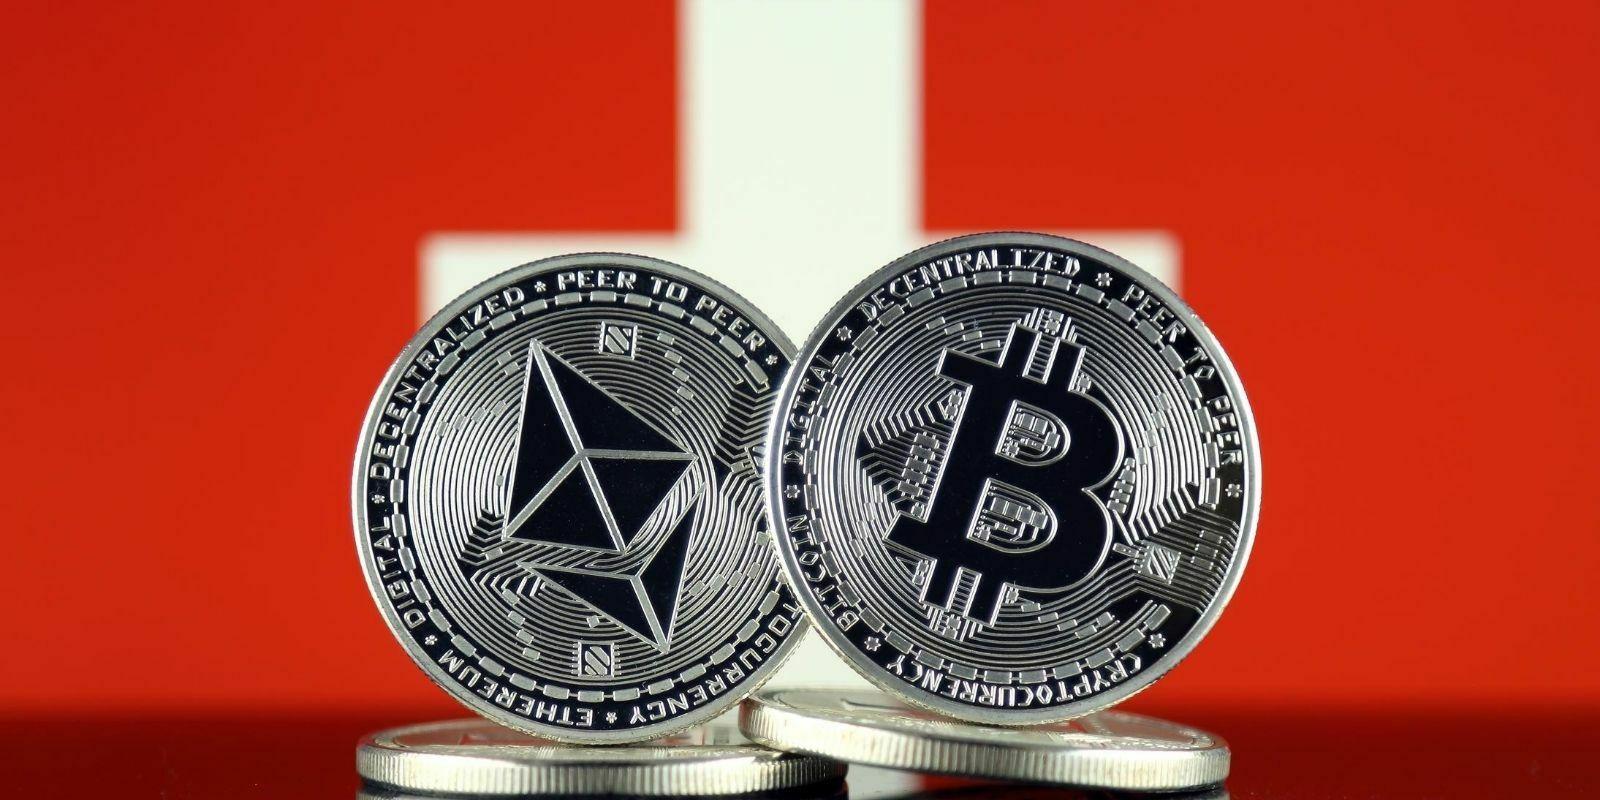 Une compagnie d'assurance suisse accepte désormais le Bitcoin et l'Ether